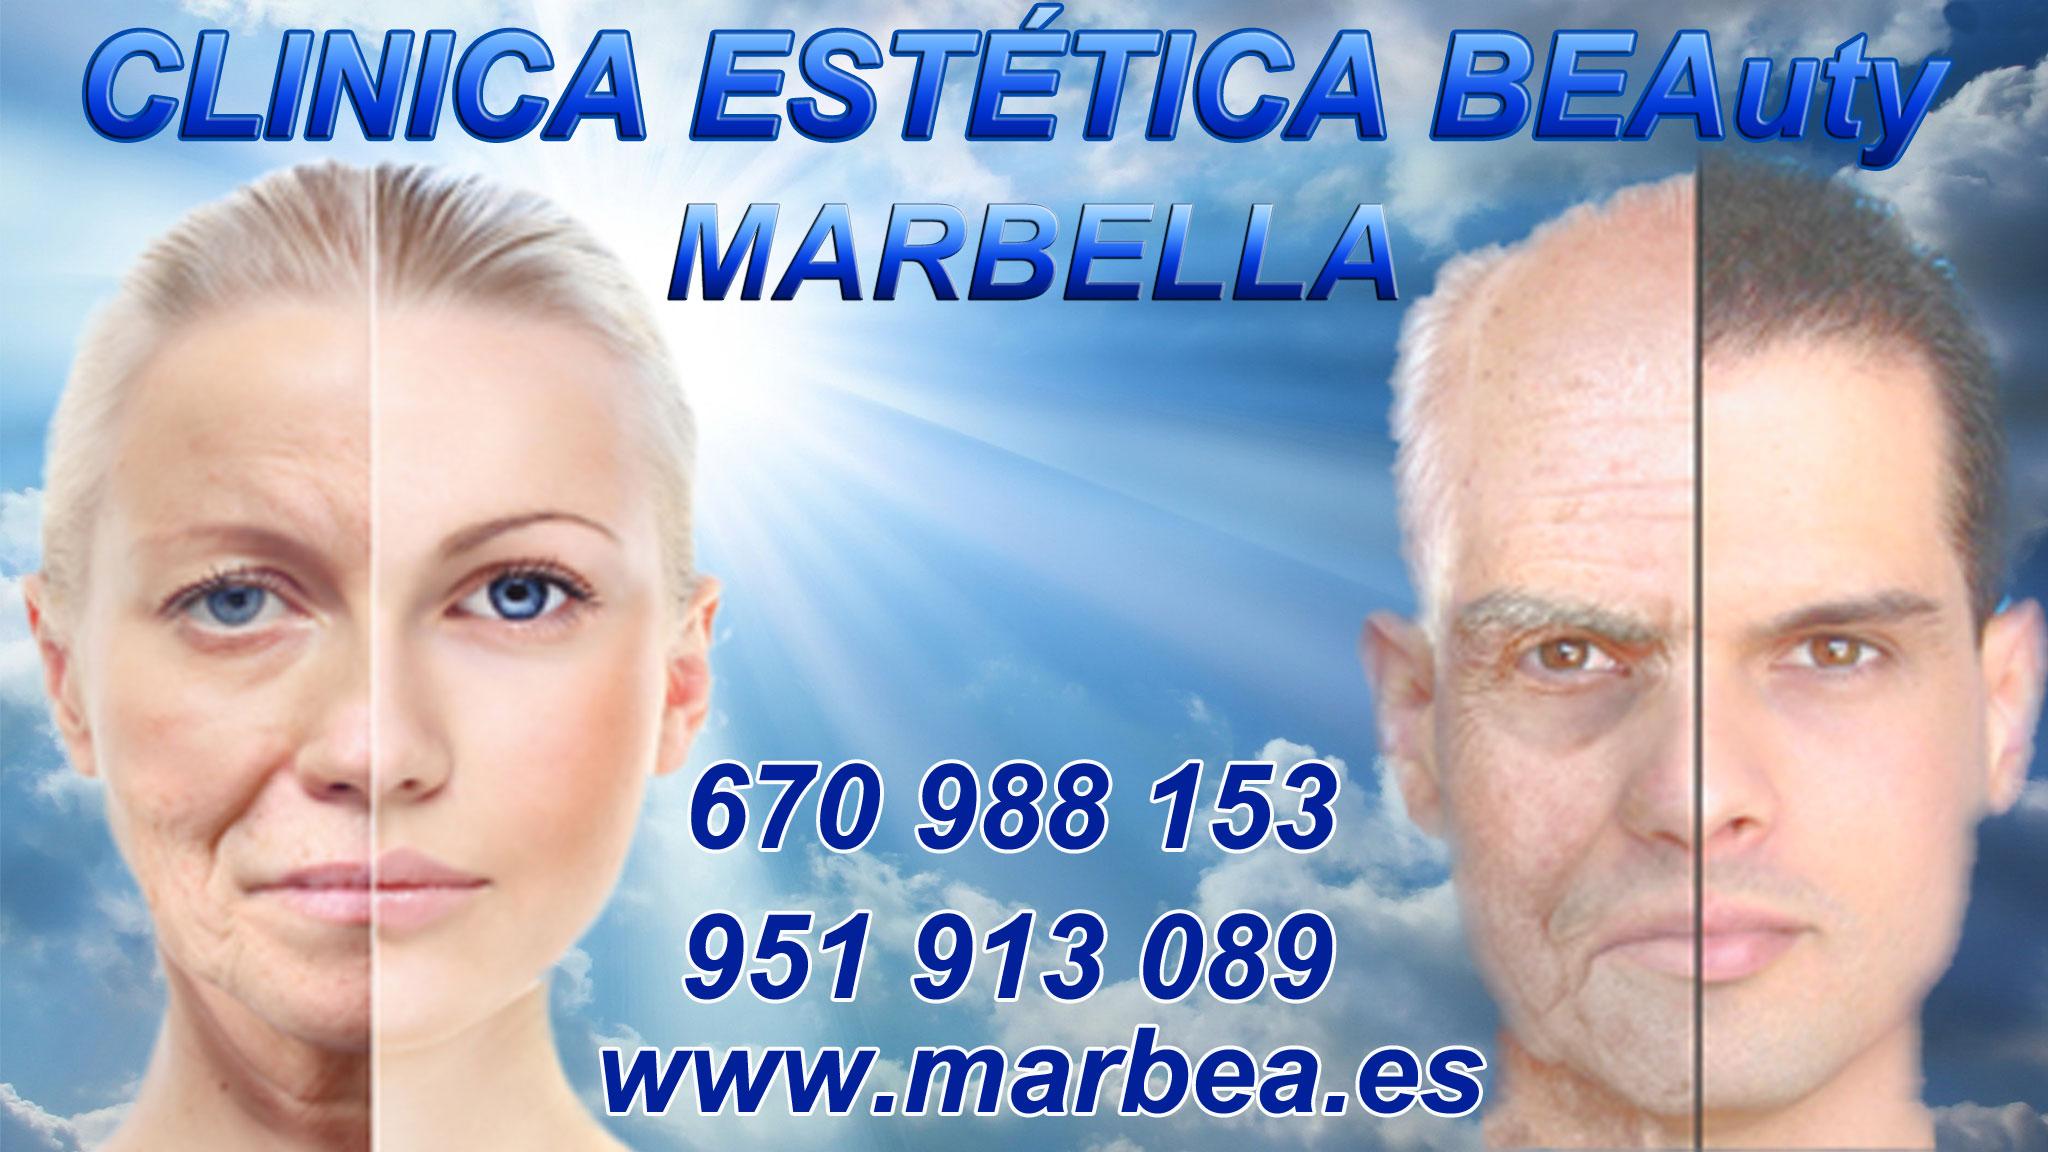 micropigmentaci capilar Marbella Clica Estica y tratamiento caida del pelo mujer Marbella